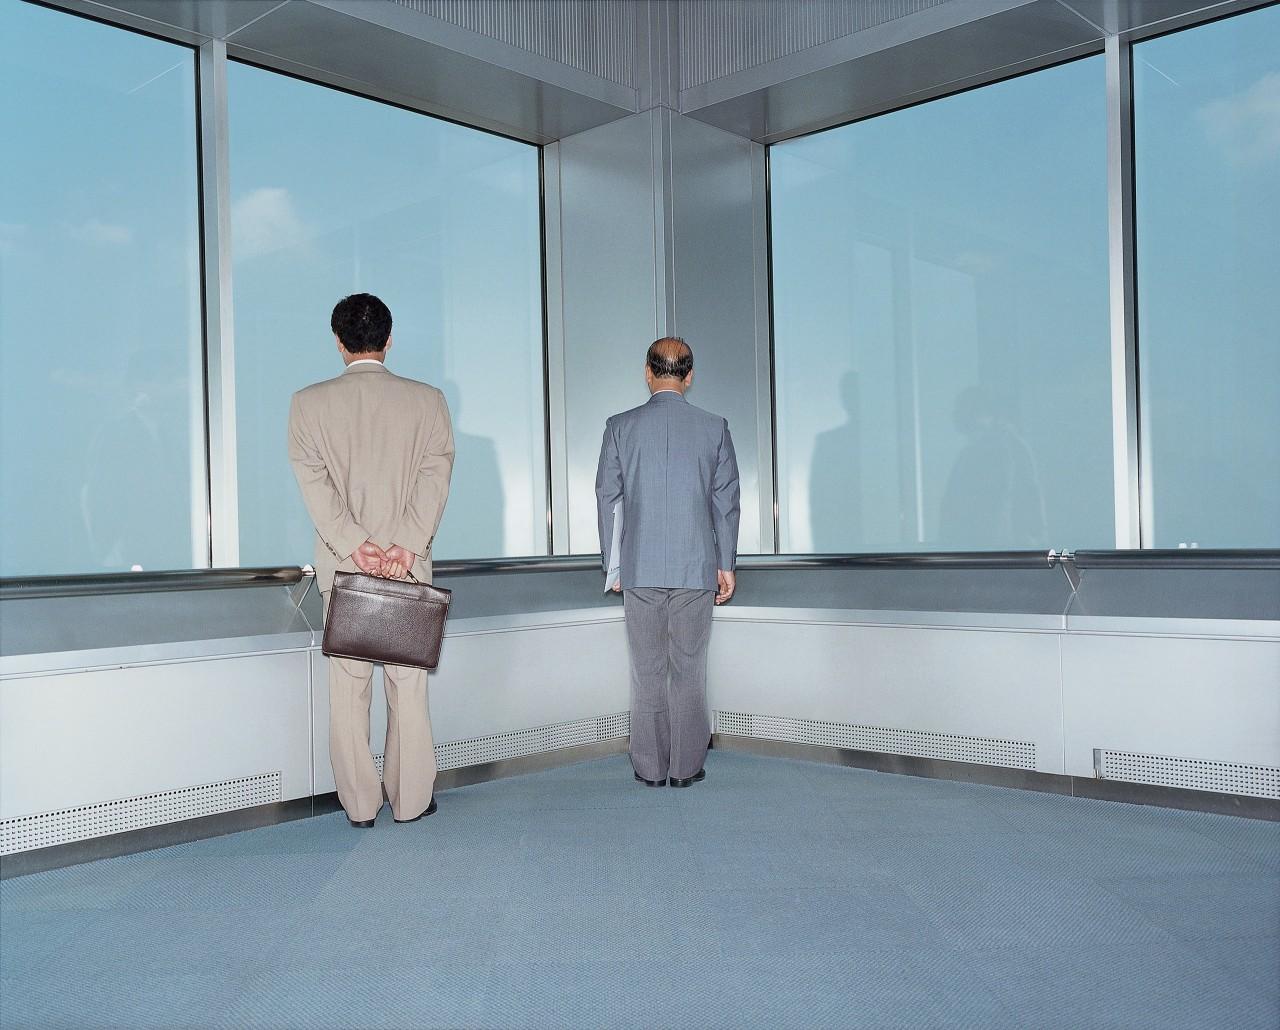 Офис, Япония, Токио, 1996. Фотограф Ларс Тунбьёрк